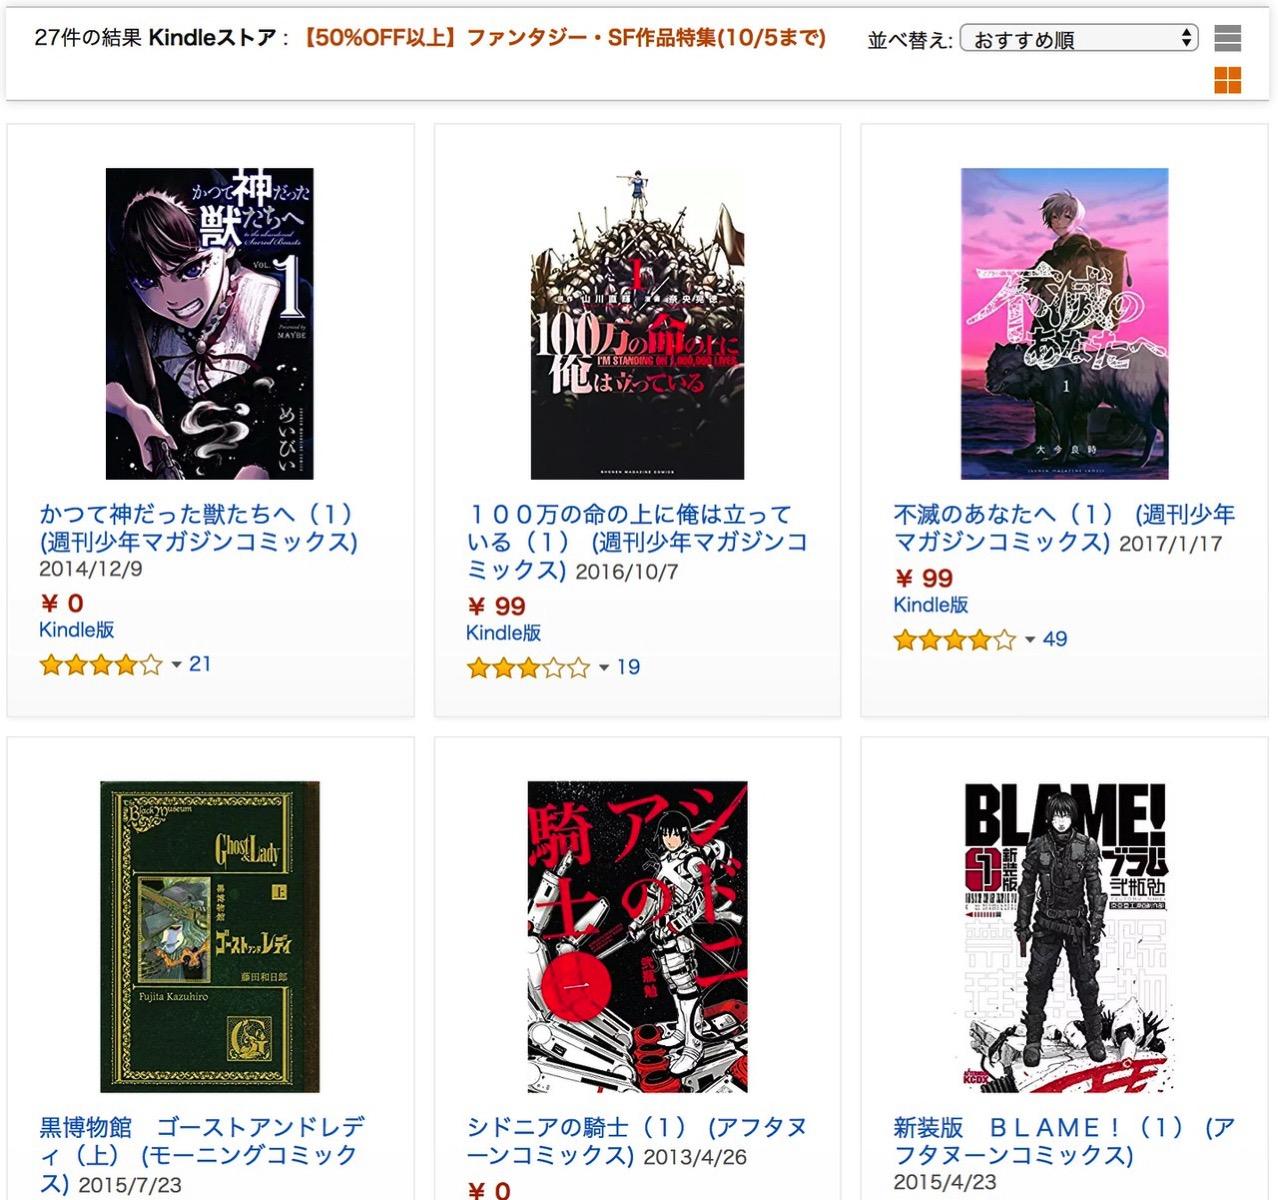 【Kindleセール】50%OFF以上&無料も多数「ファンタジー・SF作品特集」(10/5まで)